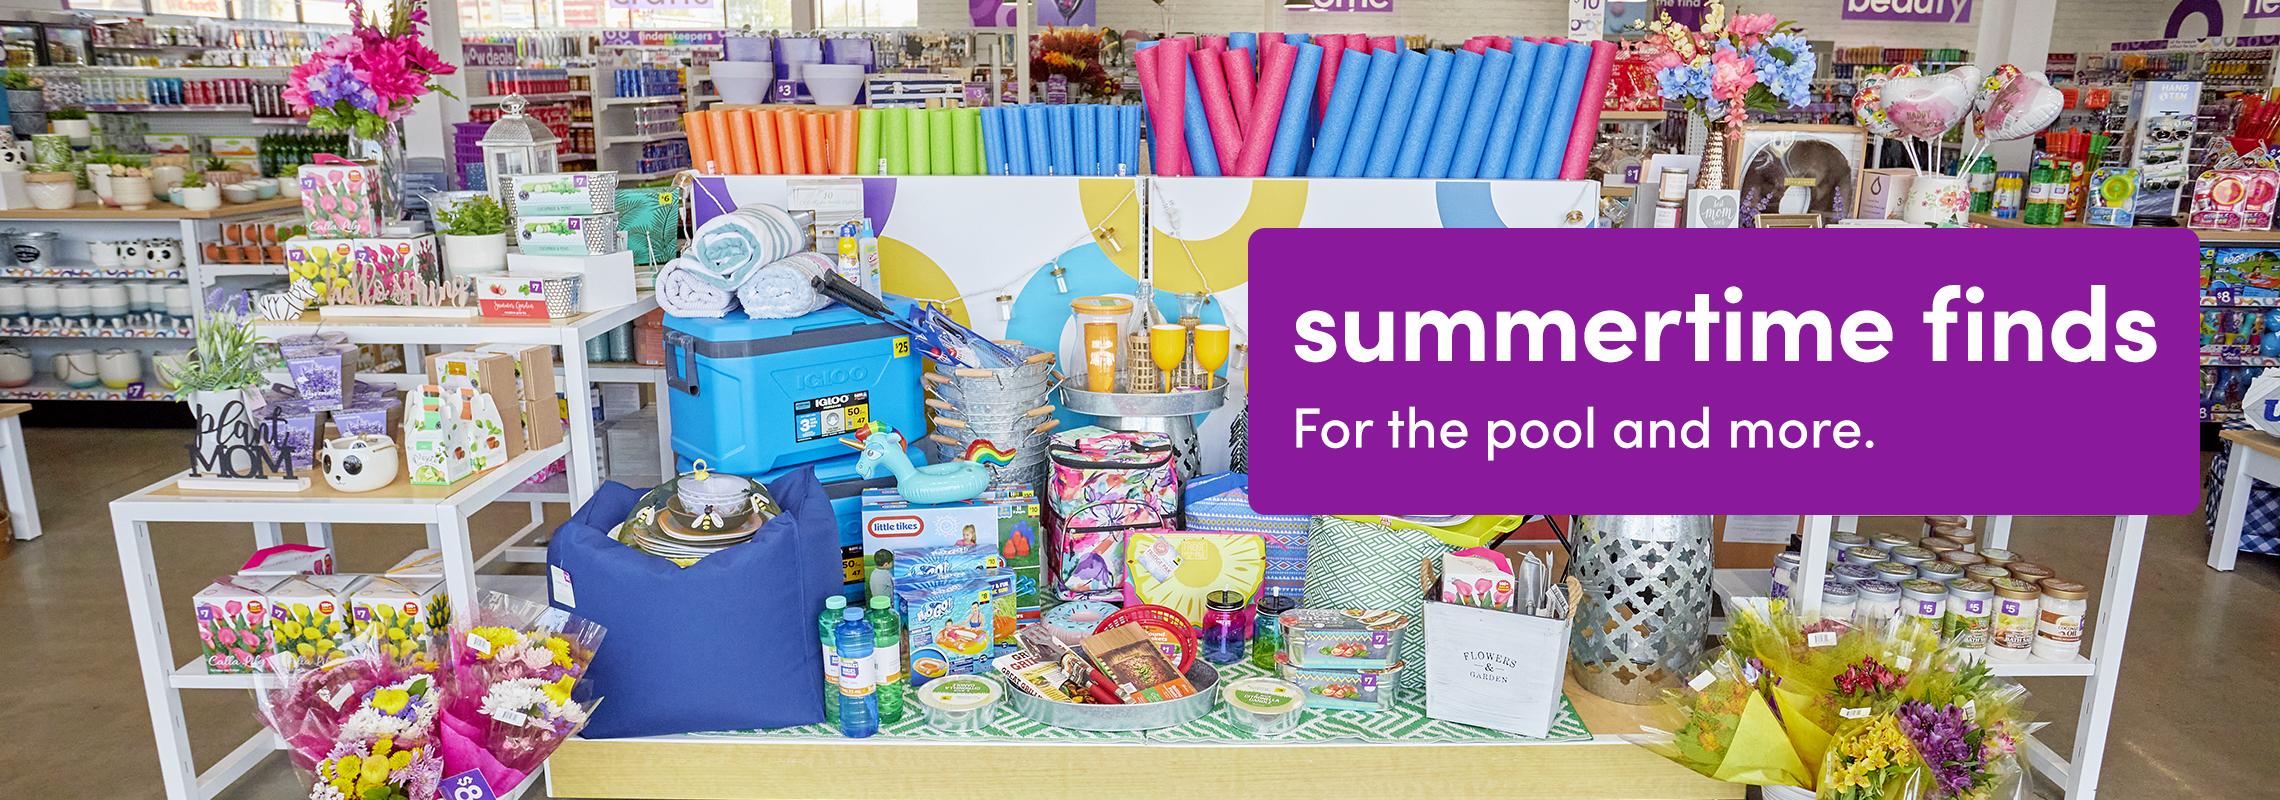 popshelf store summertime finds